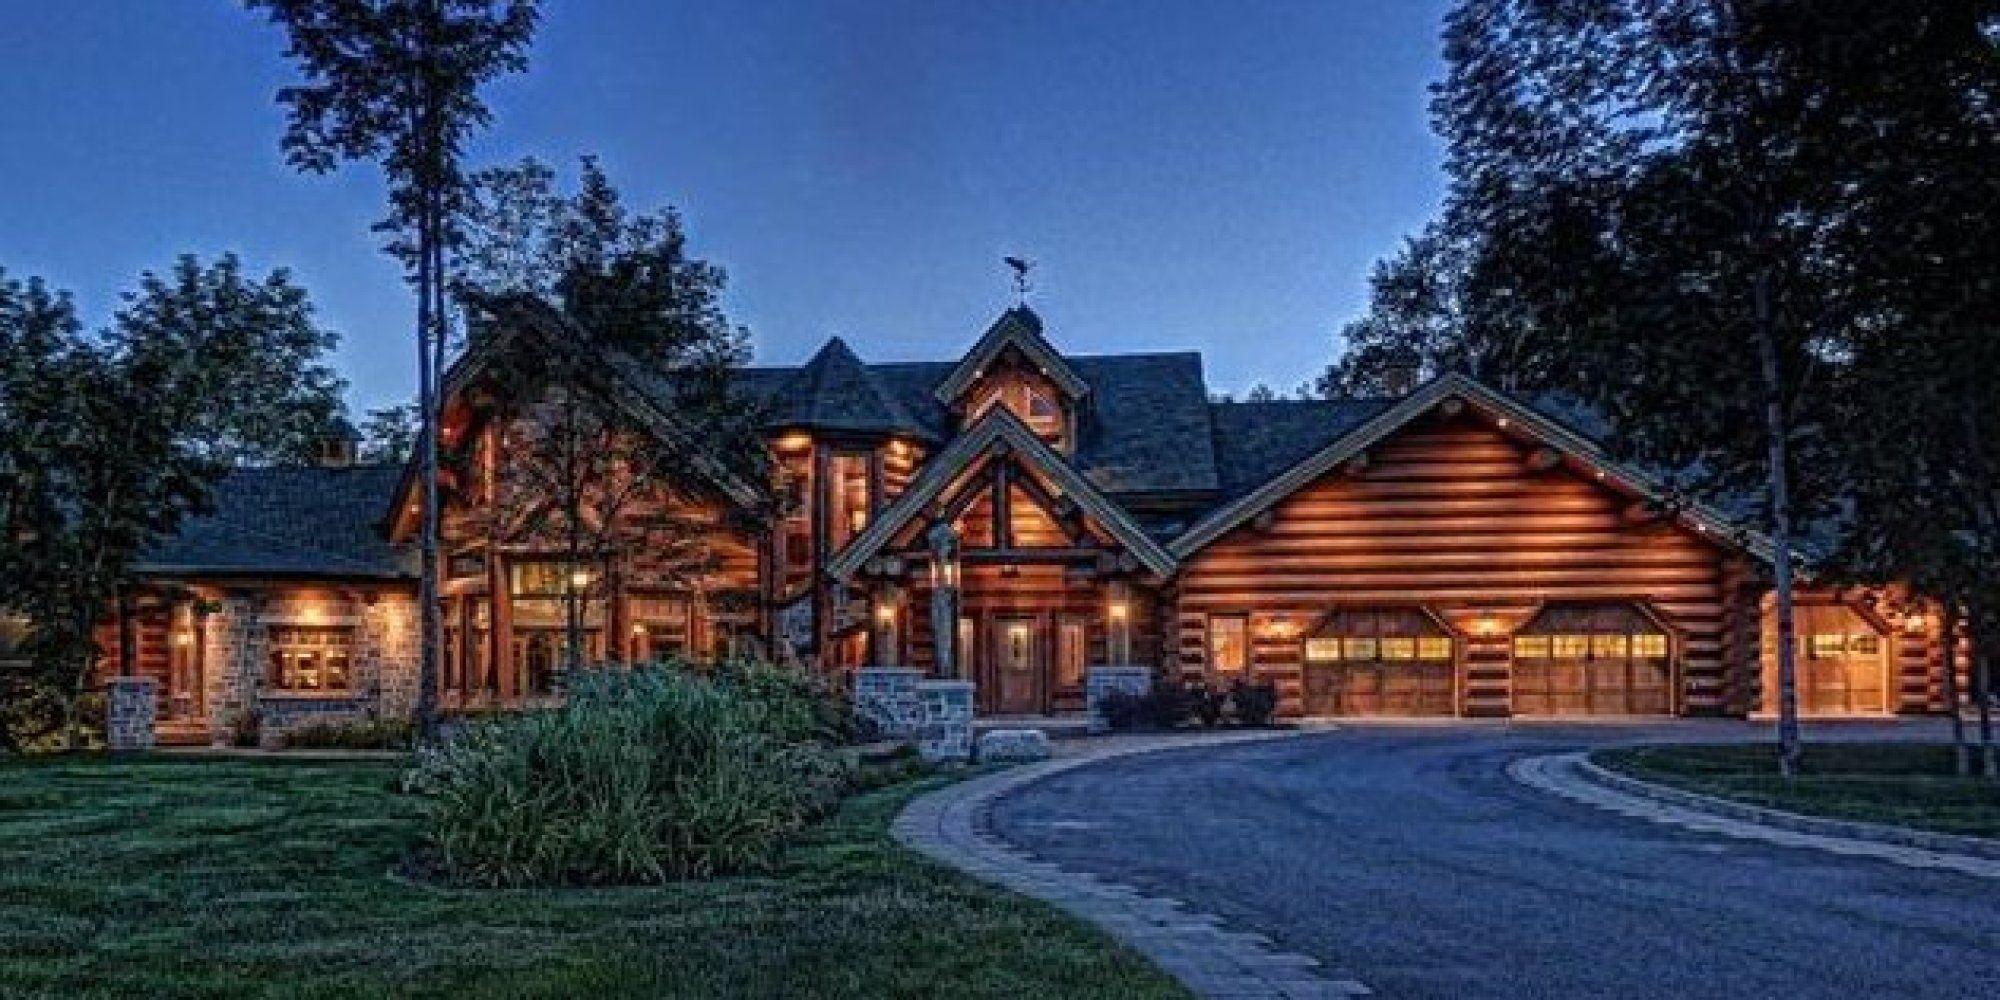 4 5m log wood maisons bois rond maison